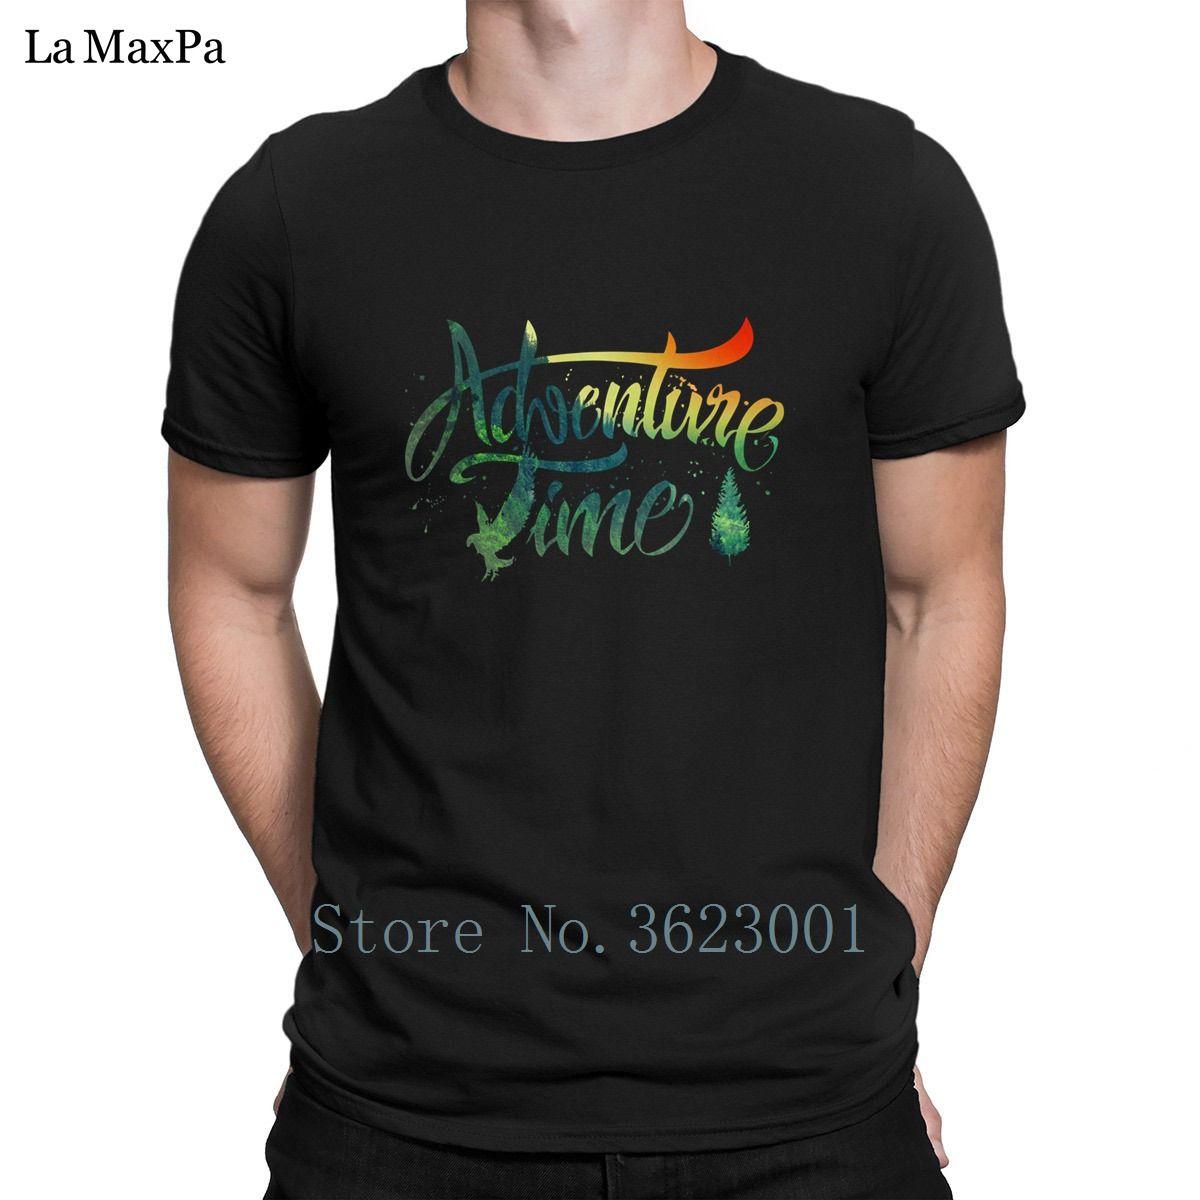 الترفيه T القميص للرجال والبرية مغامرة وقت على الغروب خمر الصلبة اللون التي شيرت مضحك الرجال المحملة القميص أعلى جودة